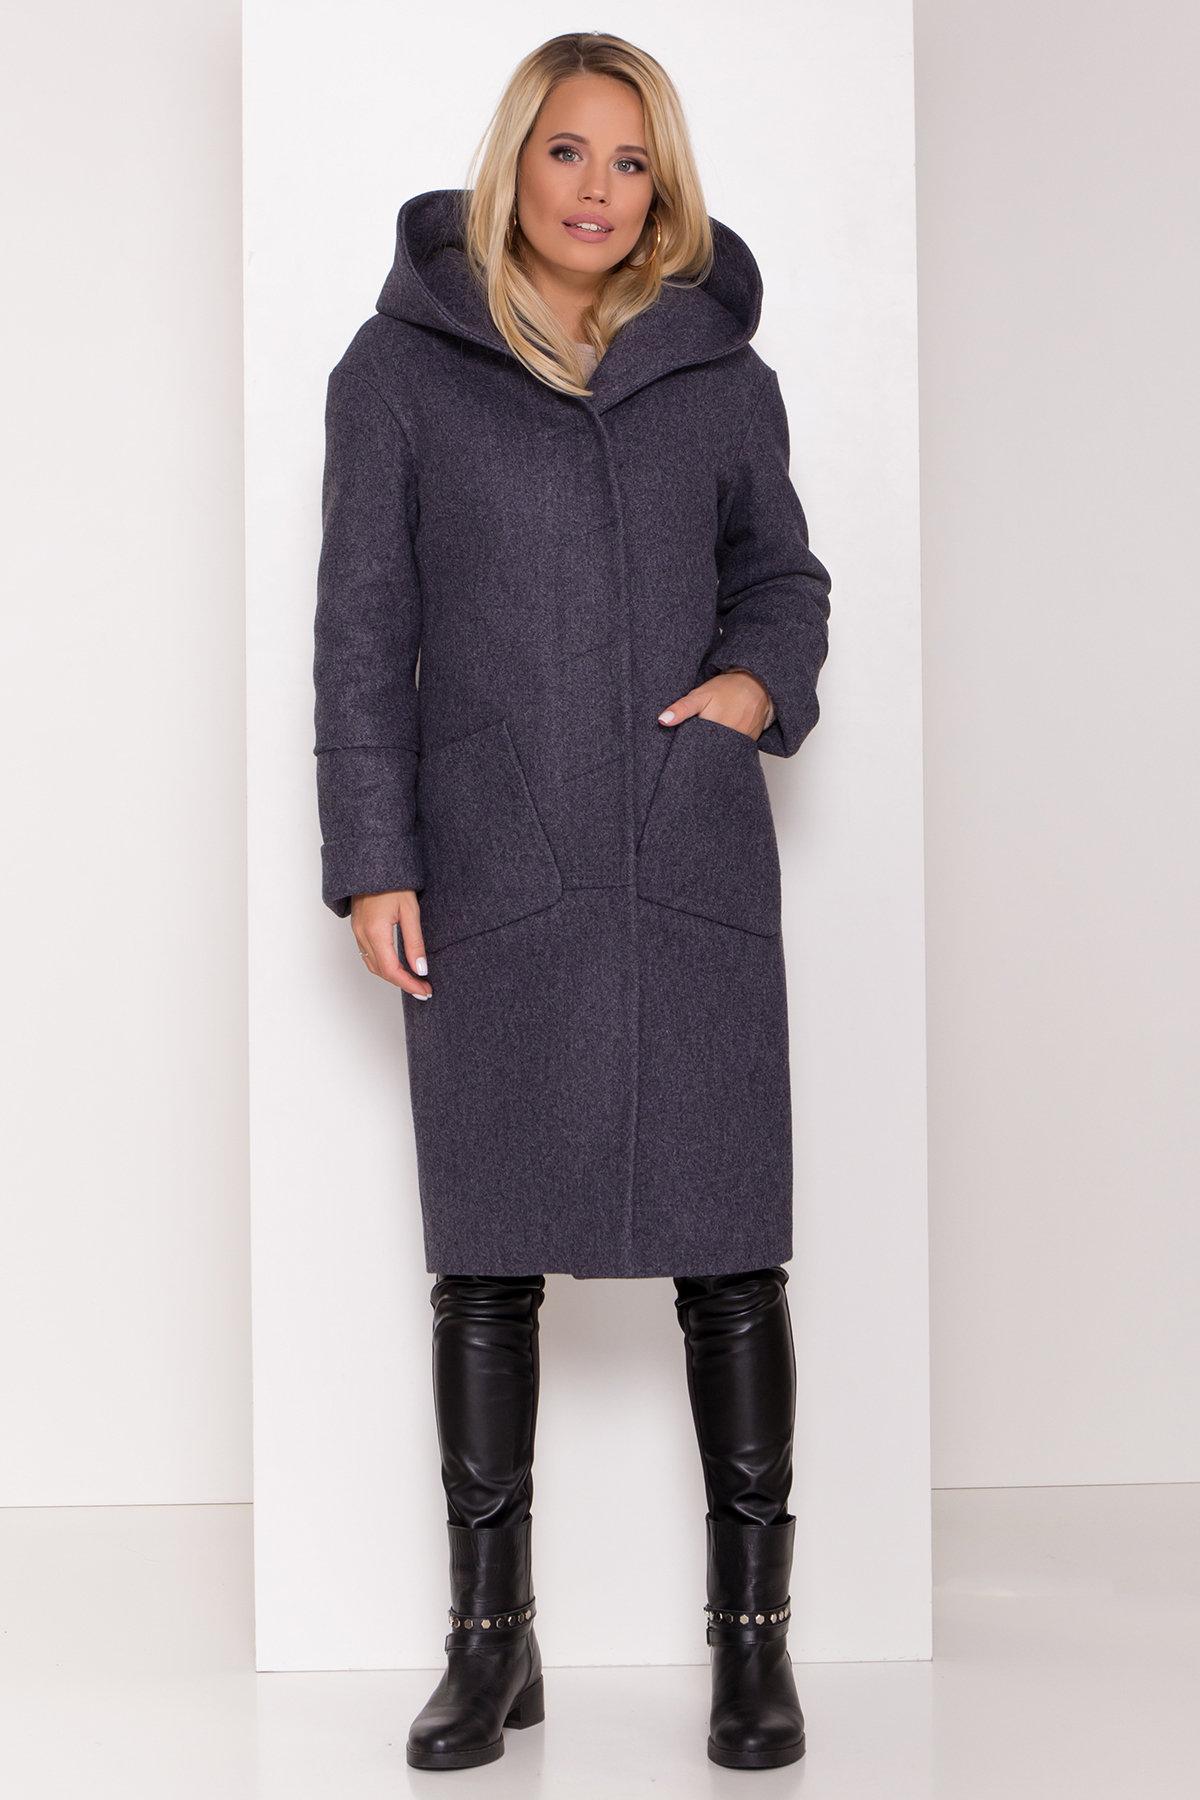 Утепленное пальто с капюшоном на зиму Анита классик 8213 АРТ. 44275 Цвет: т. синий 543 - фото 3, интернет магазин tm-modus.ru